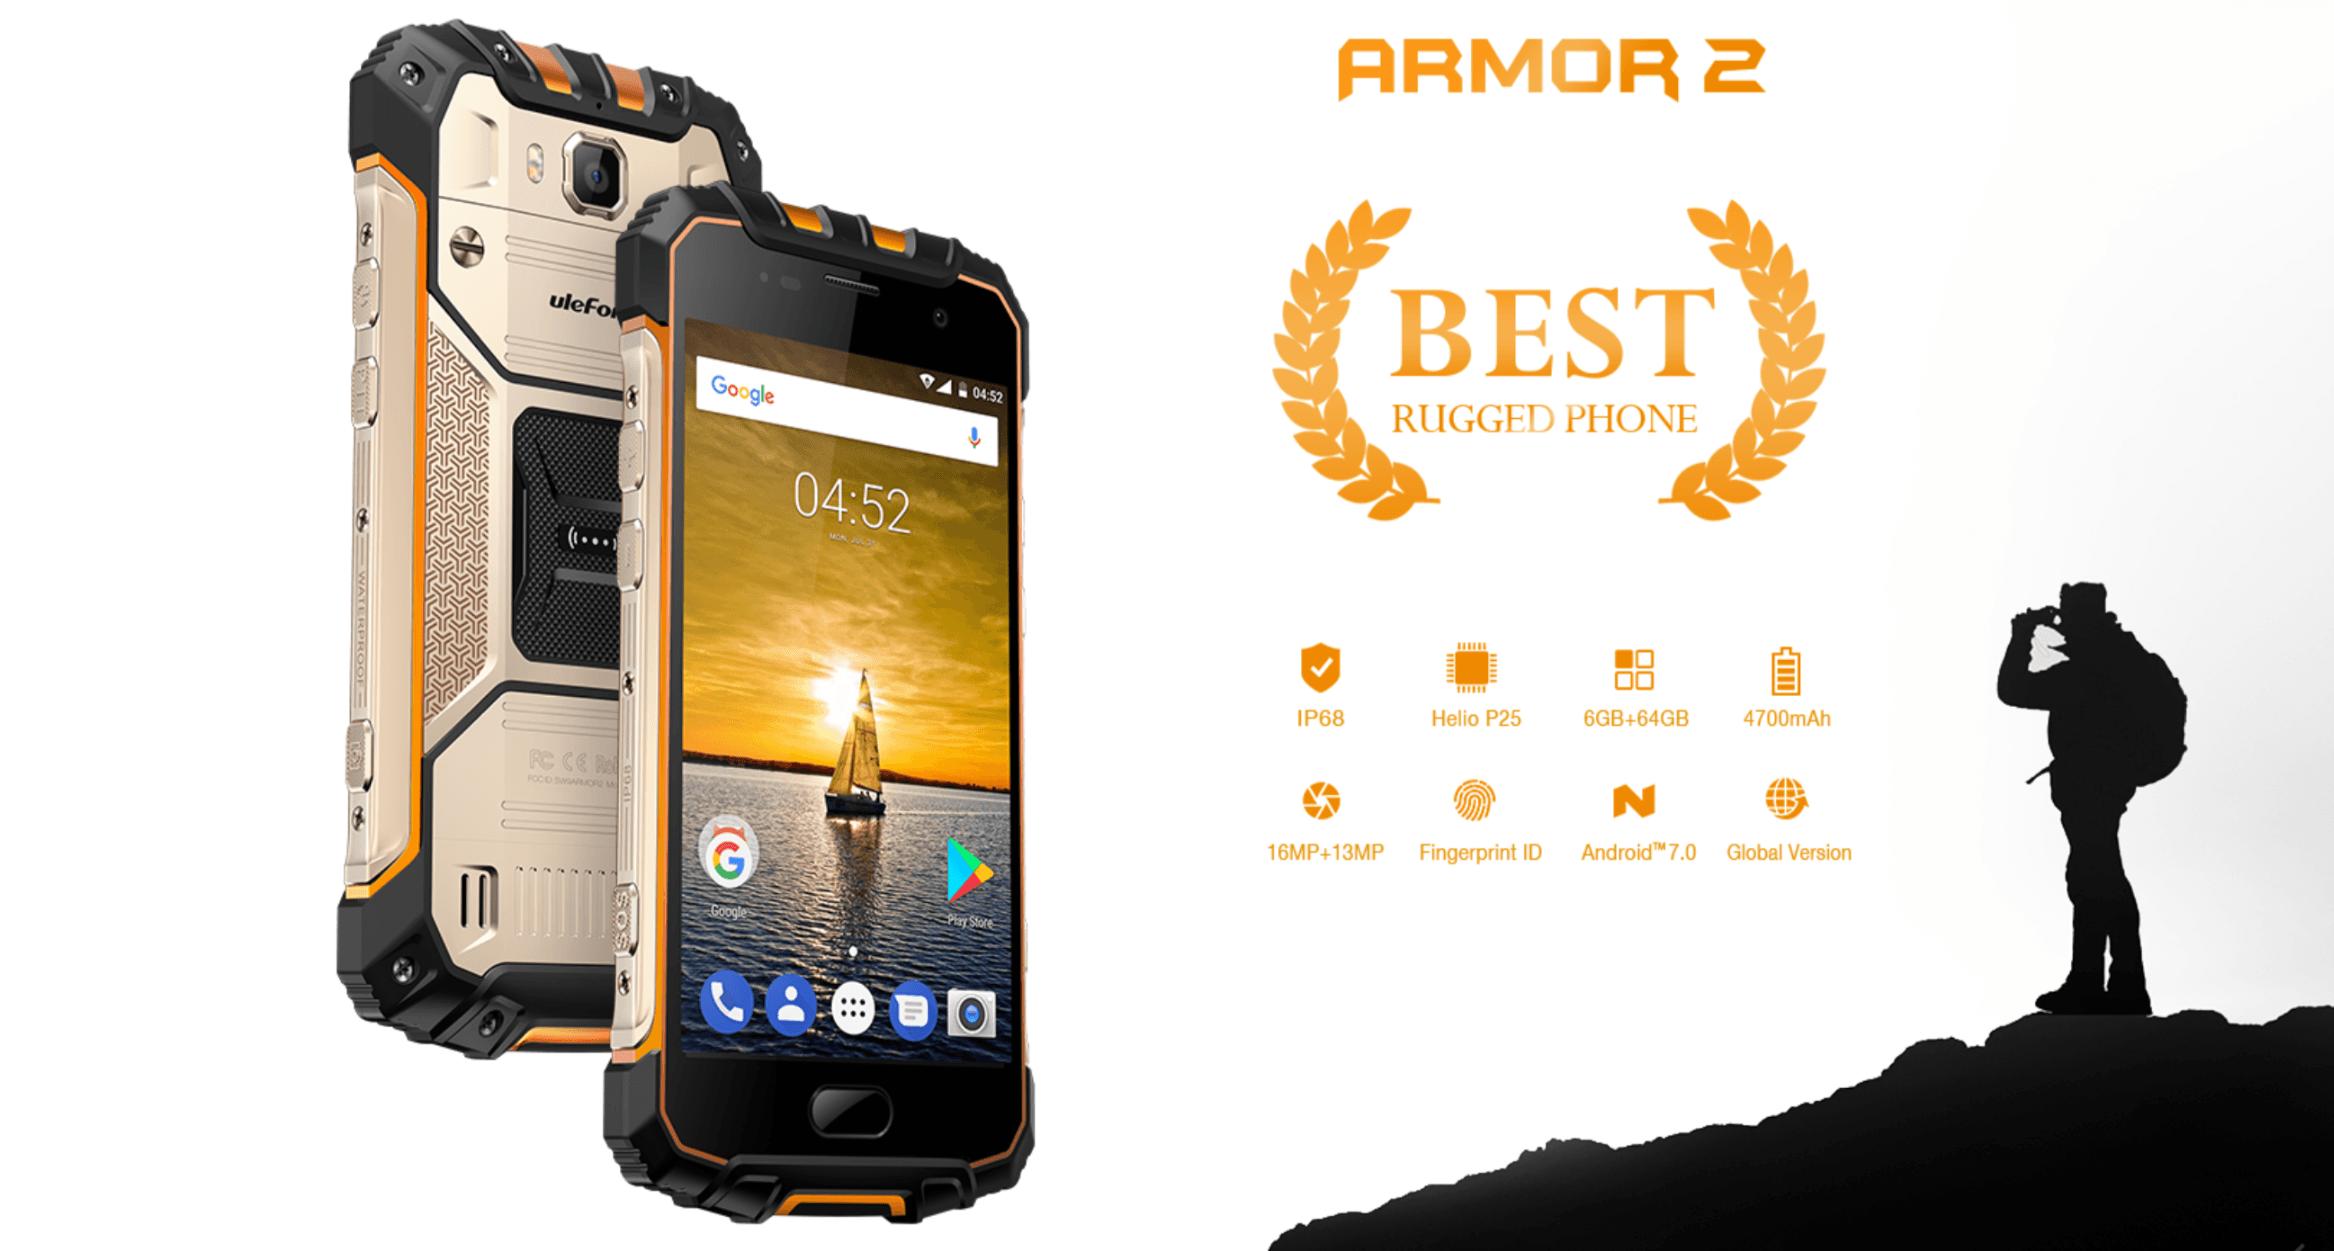 Tabletowo.pl Pancernik od Ulefone w promocji - model Armor 2 taniej na AliExpress Chińskie Promocje Smartfony